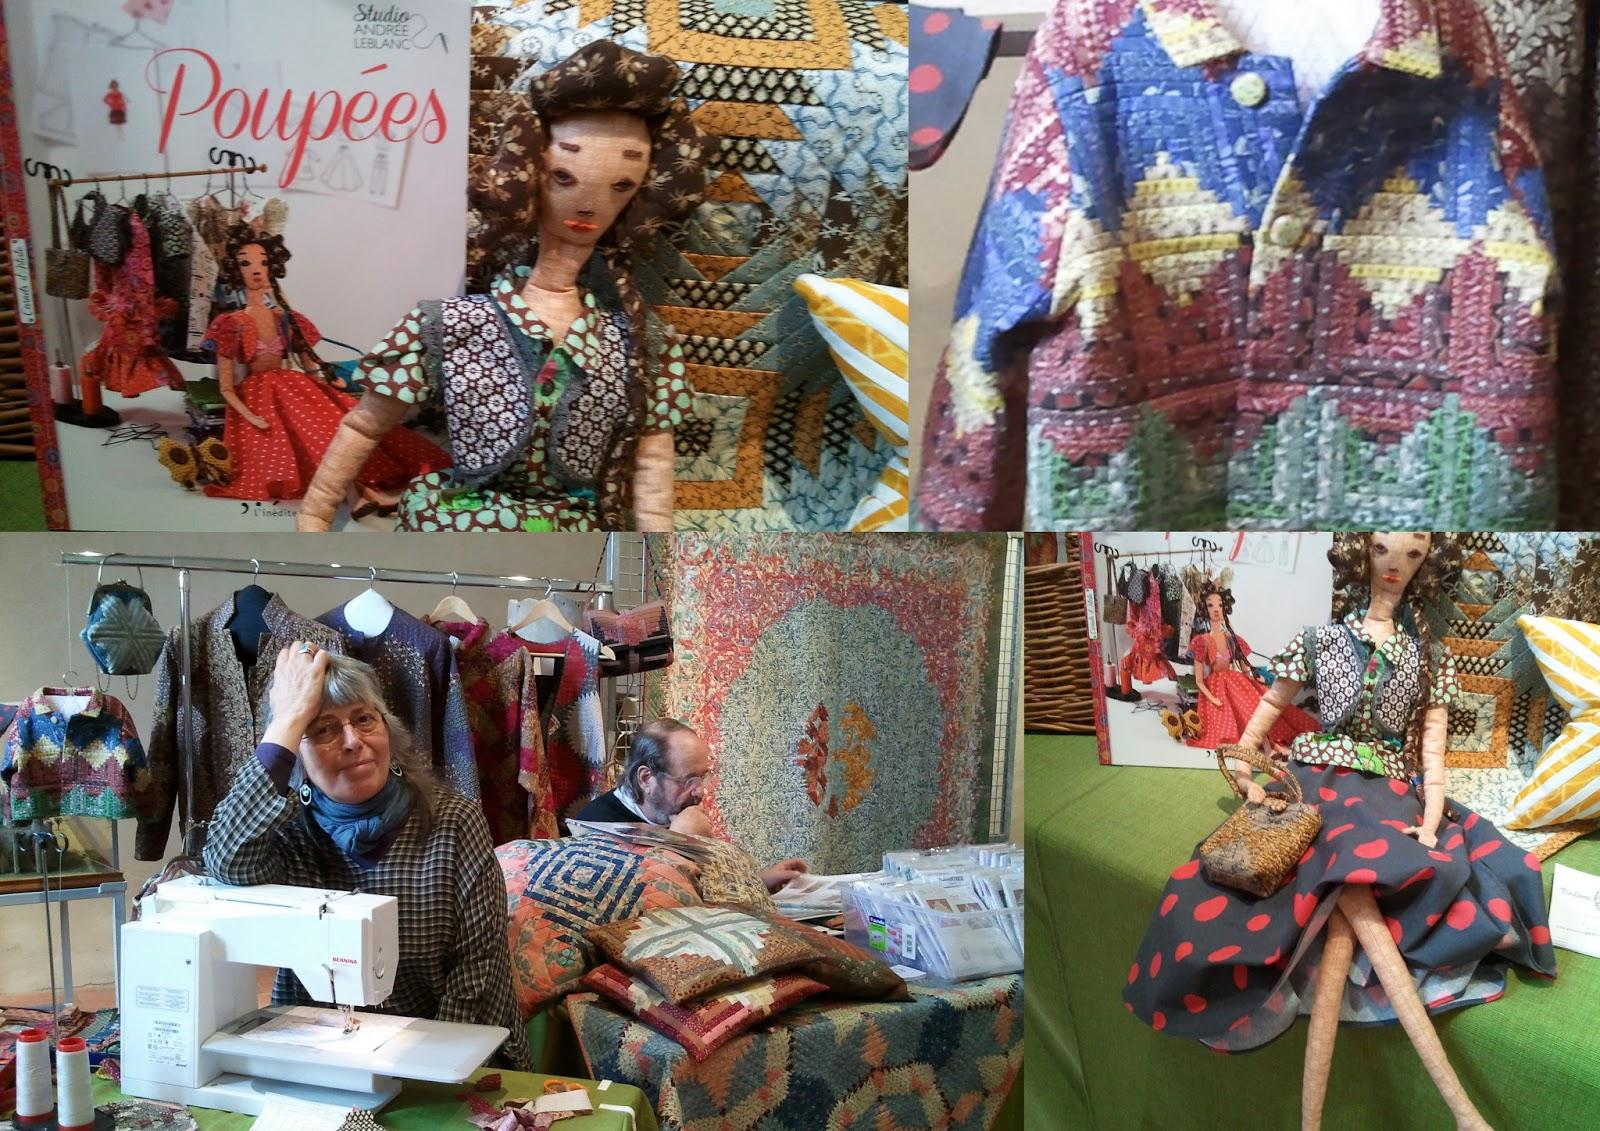 Andrée Leblanc Qui Présente Son Dernier Livre : Poupées à . Full resolution  pic, nominally Width 1600 Height 1131 pixels, pic with #3F5A8C.